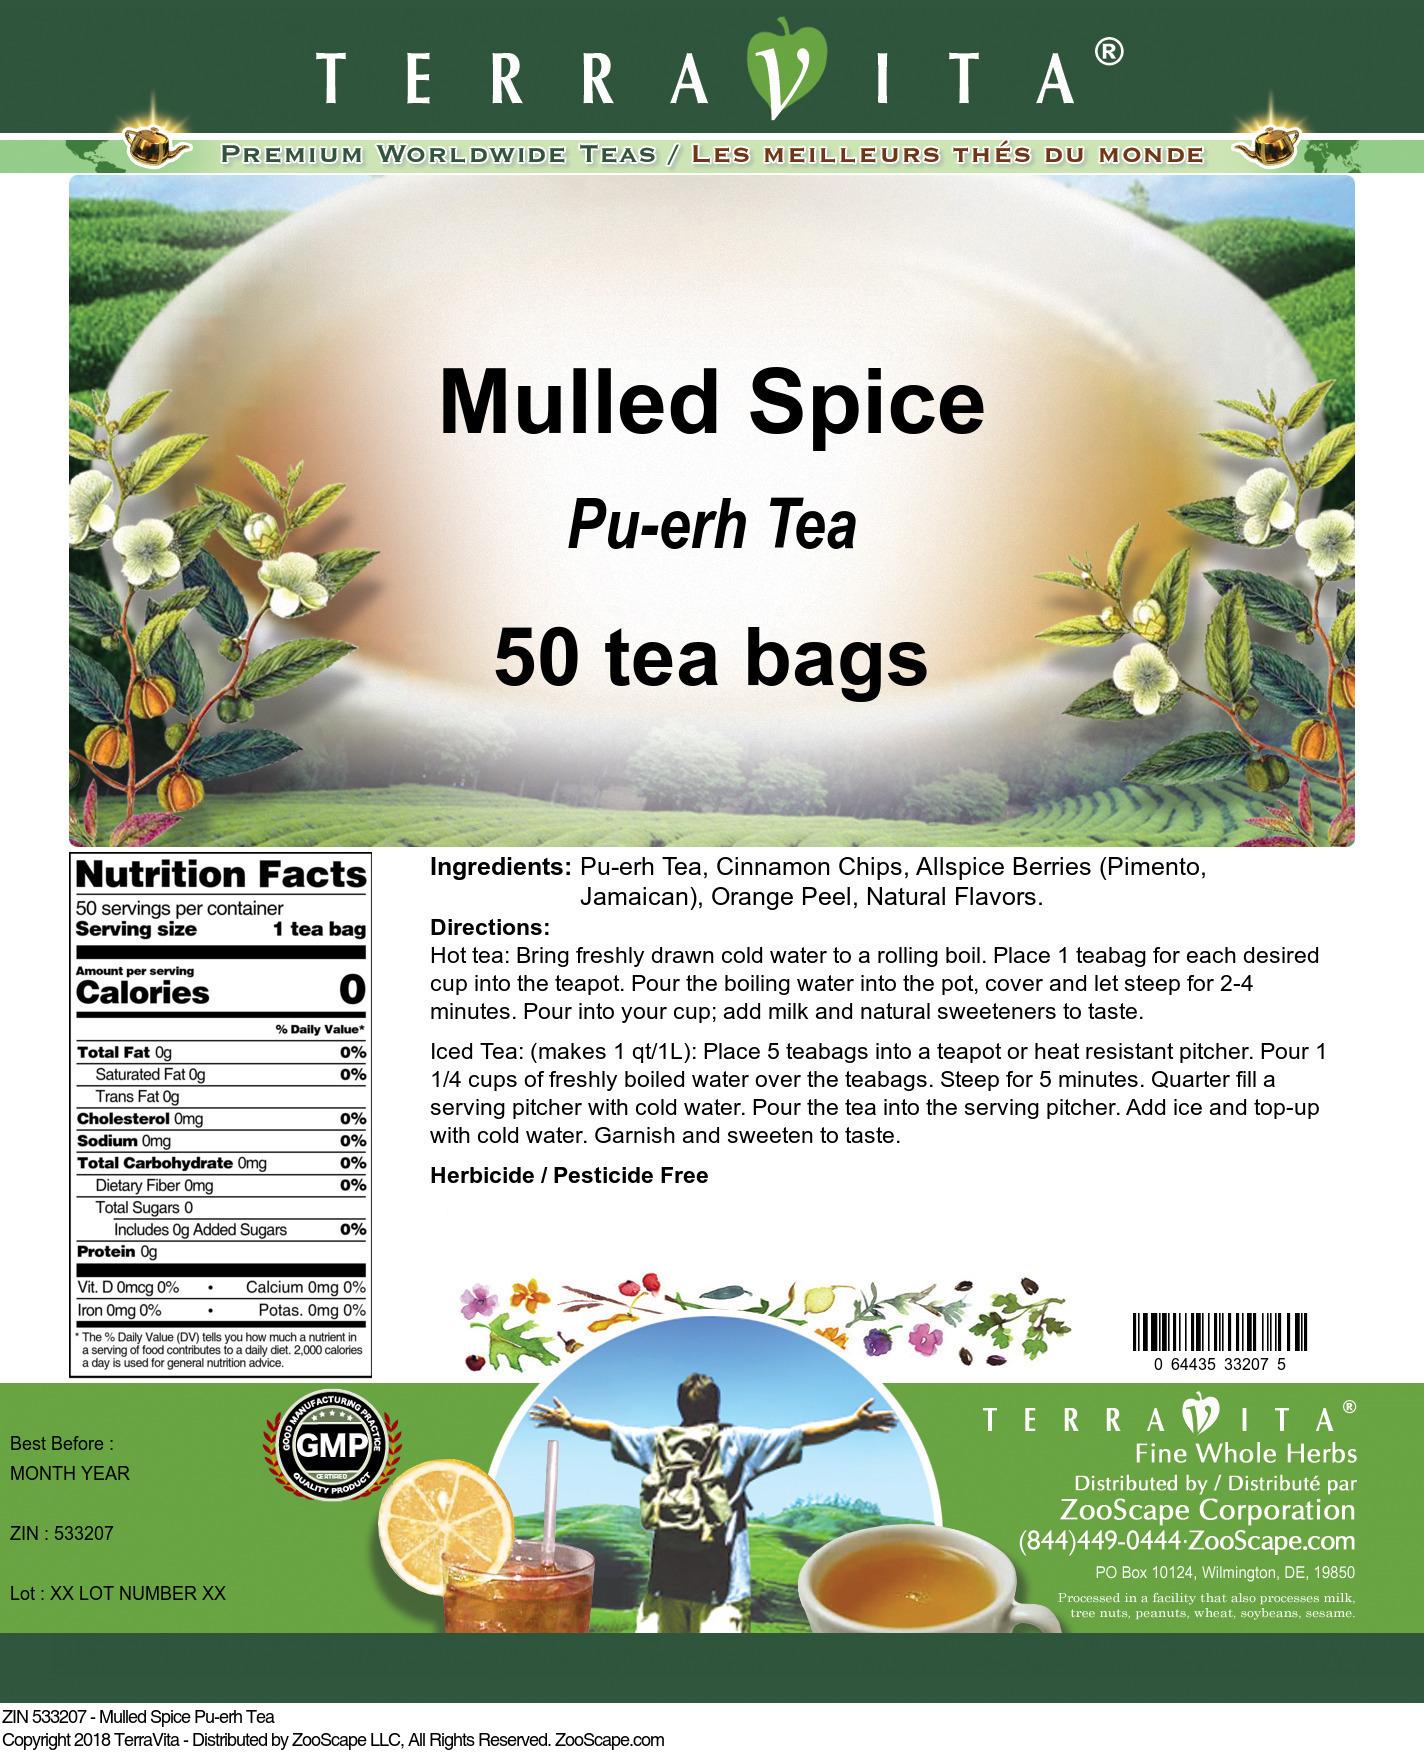 Mulled Spice Pu-erh Tea